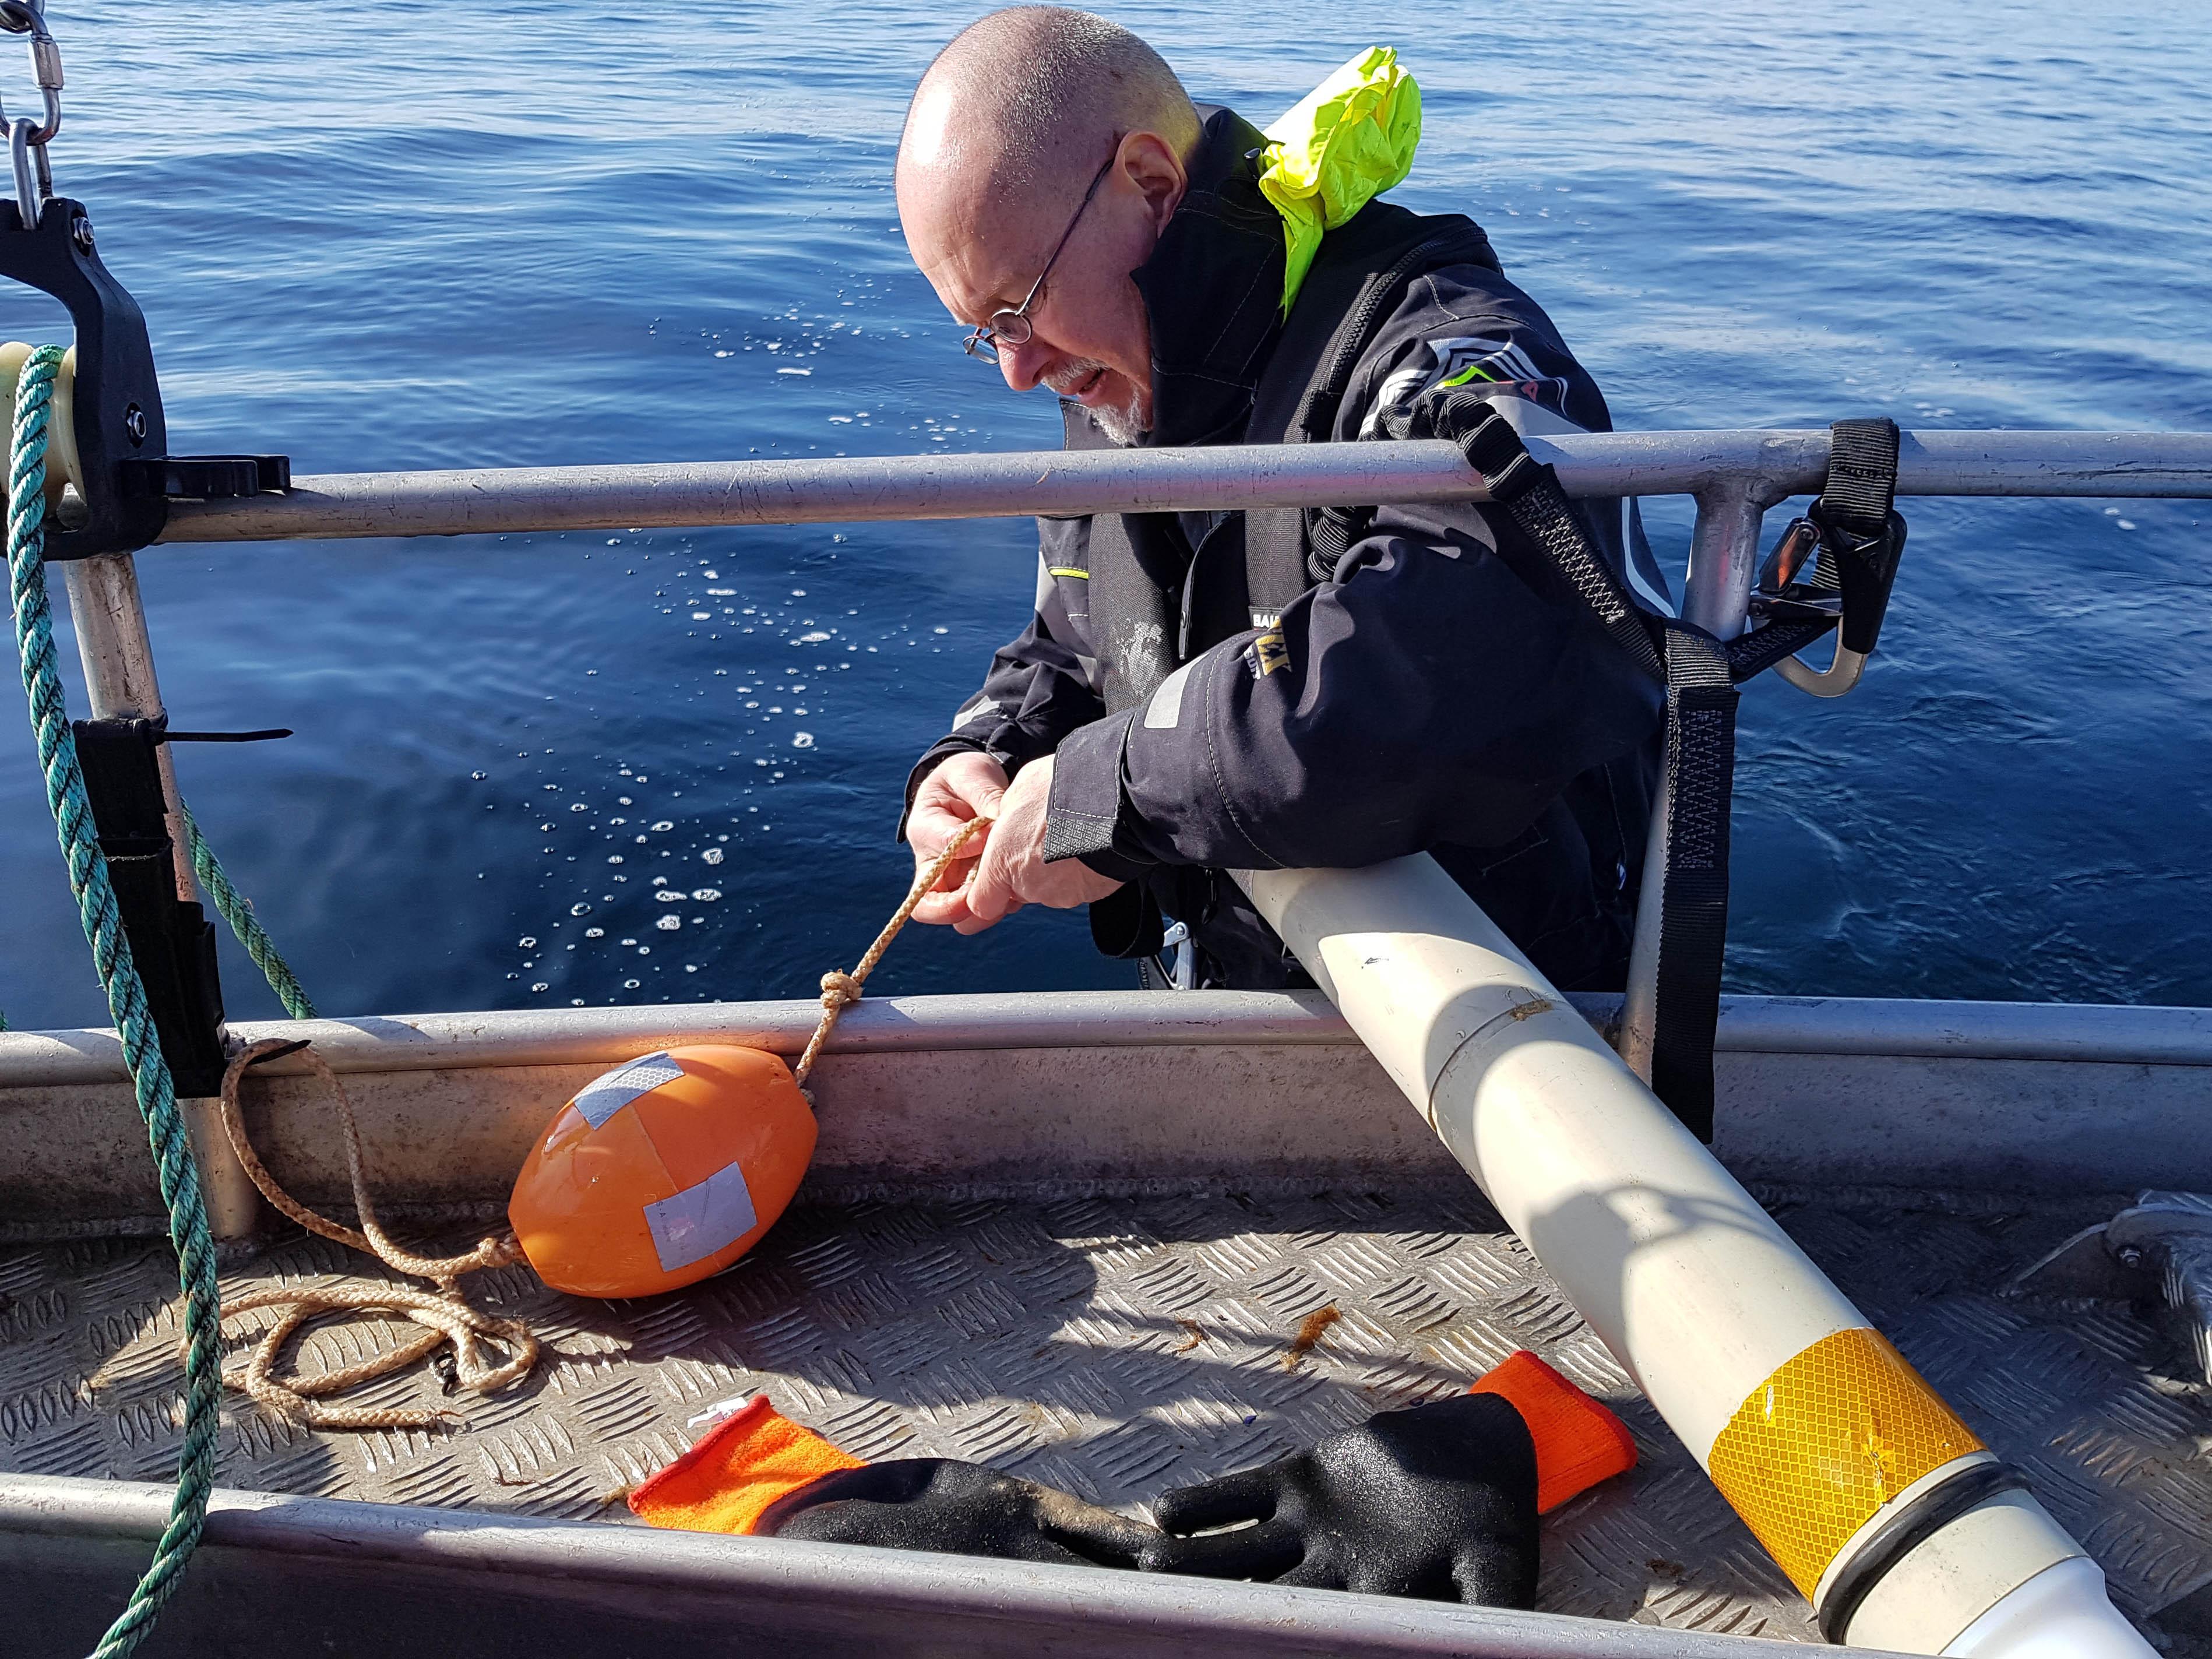 Båt och instrument som används för att övervaka tumlare